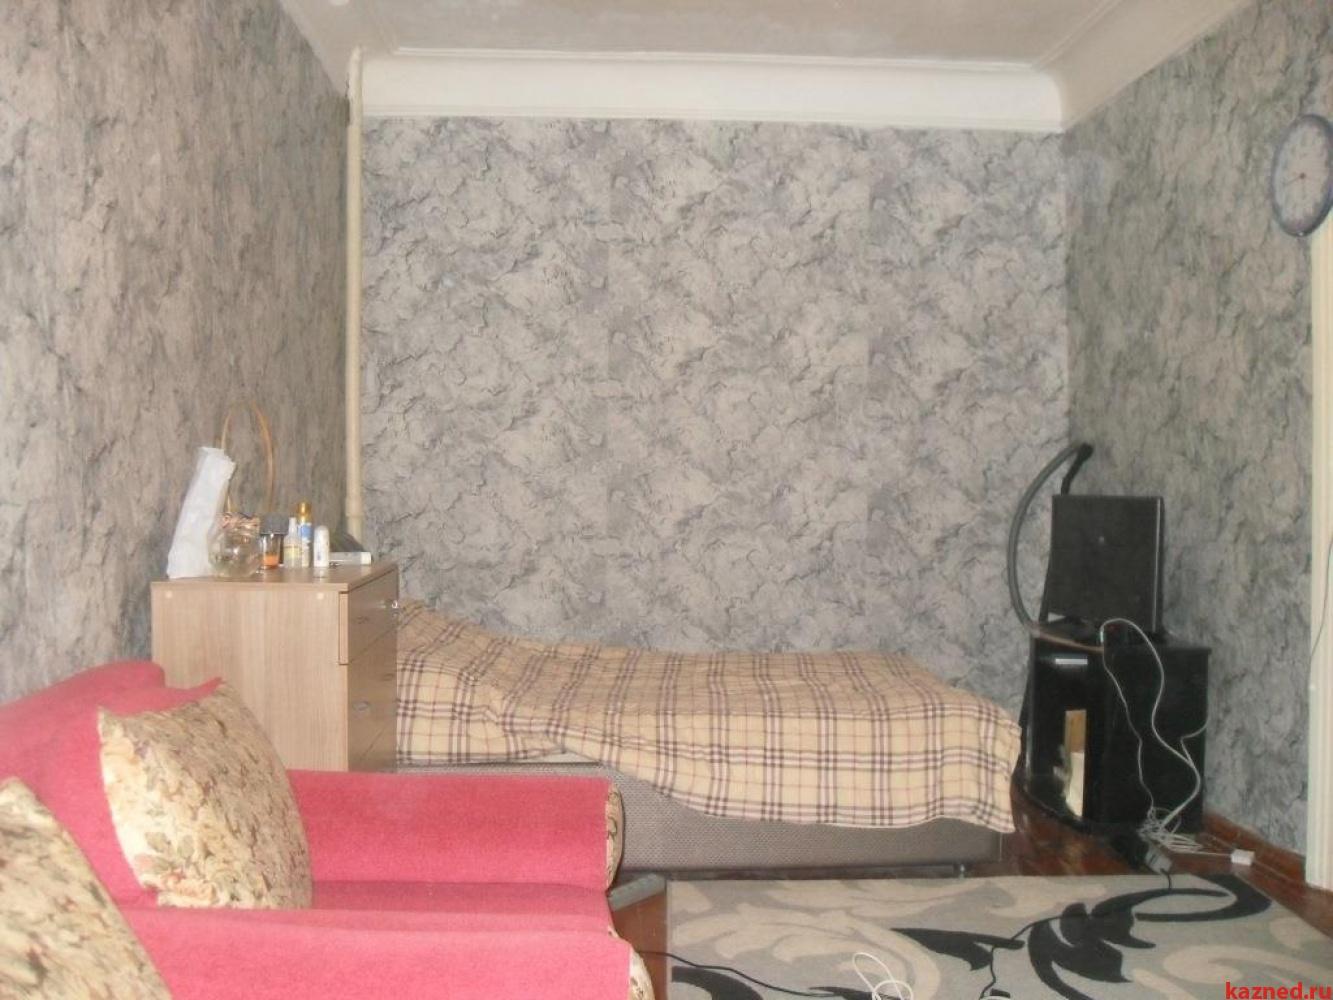 Продажа 1-к квартиры 10-союзная 8, 35 м² (миниатюра №4)